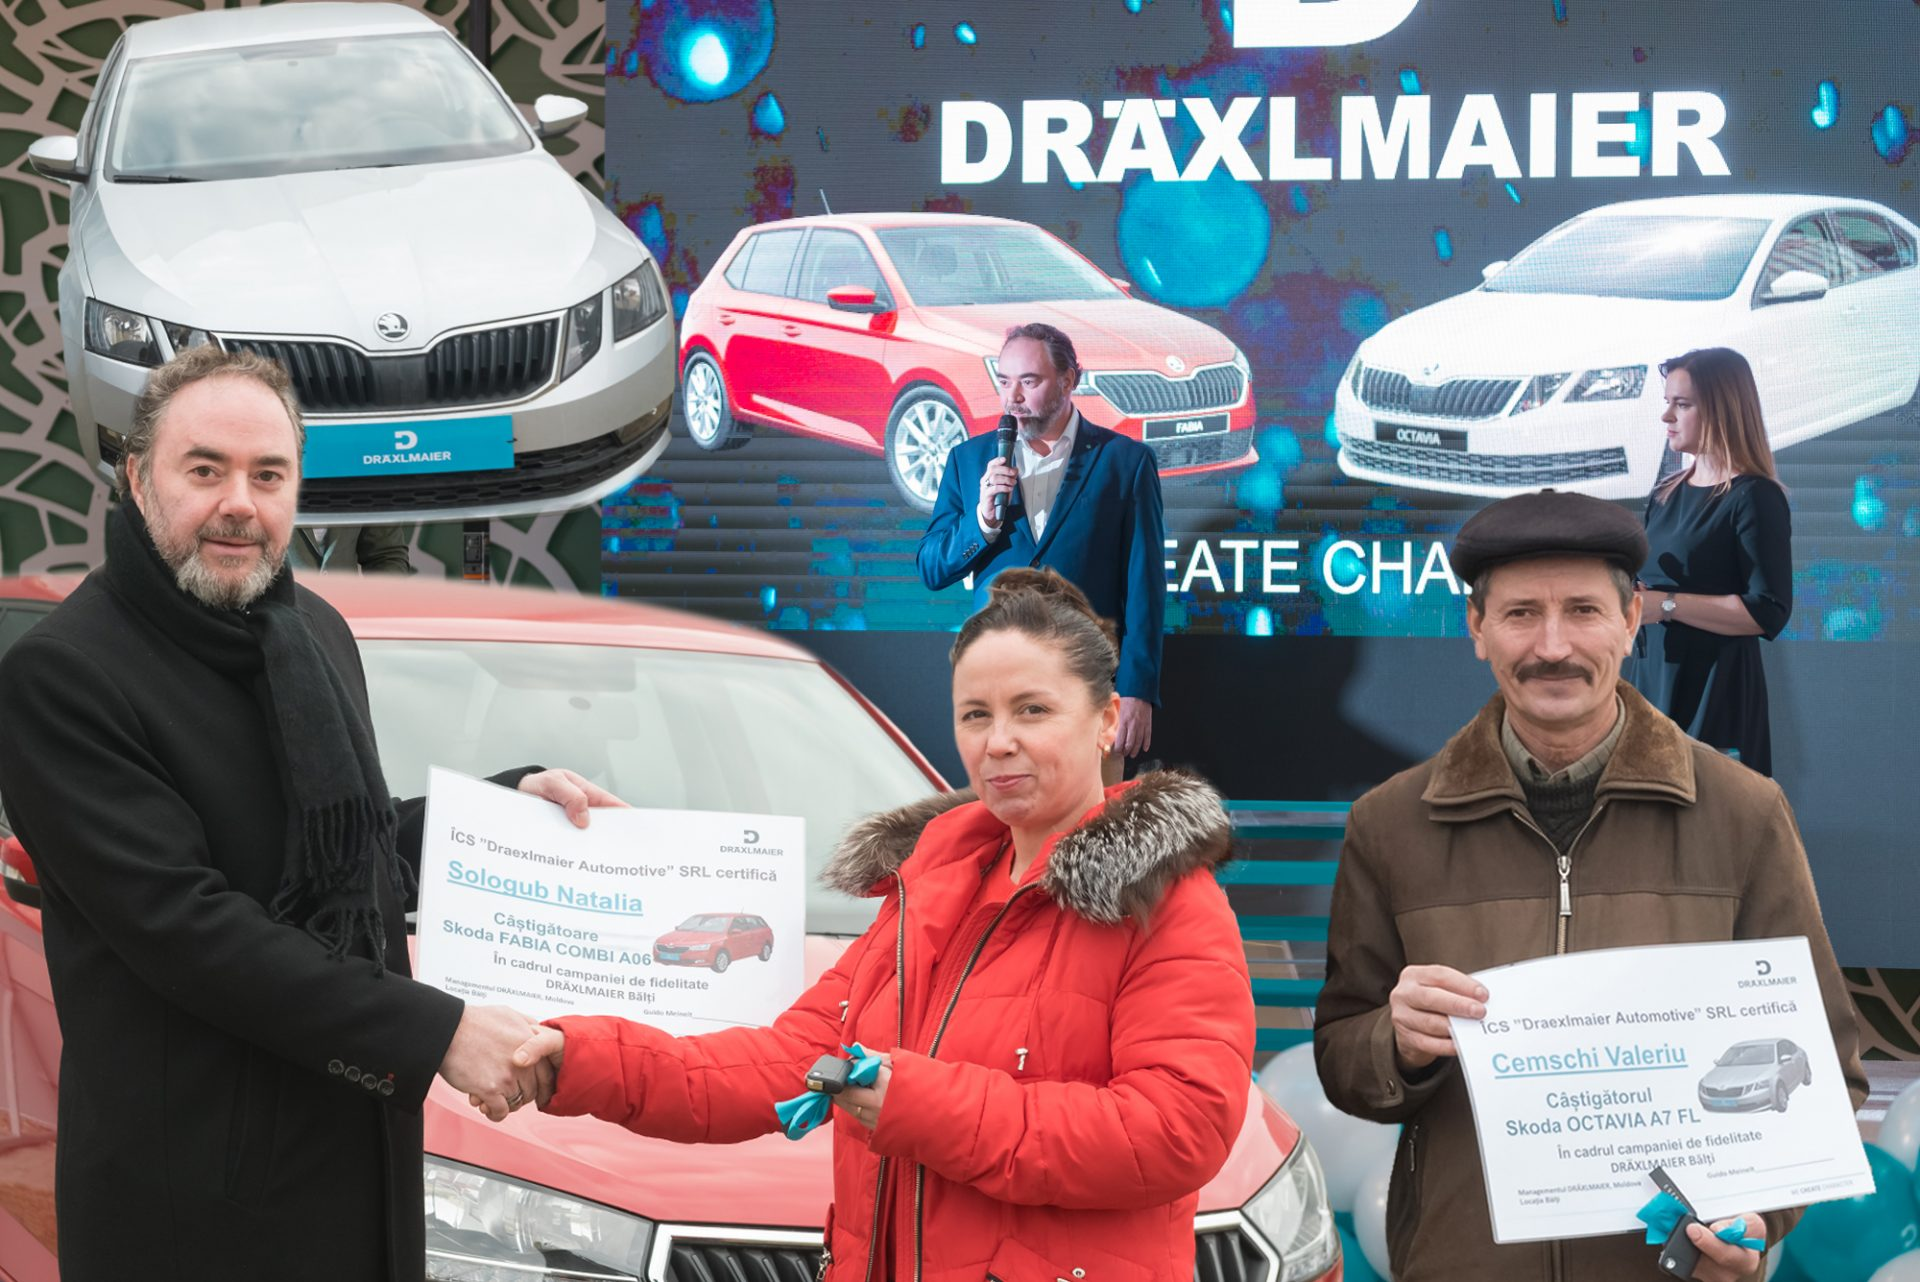 FOTO | Doi angajați ai companiei DRÄXLMAIER Bălți au câștigat două automobile Skoda